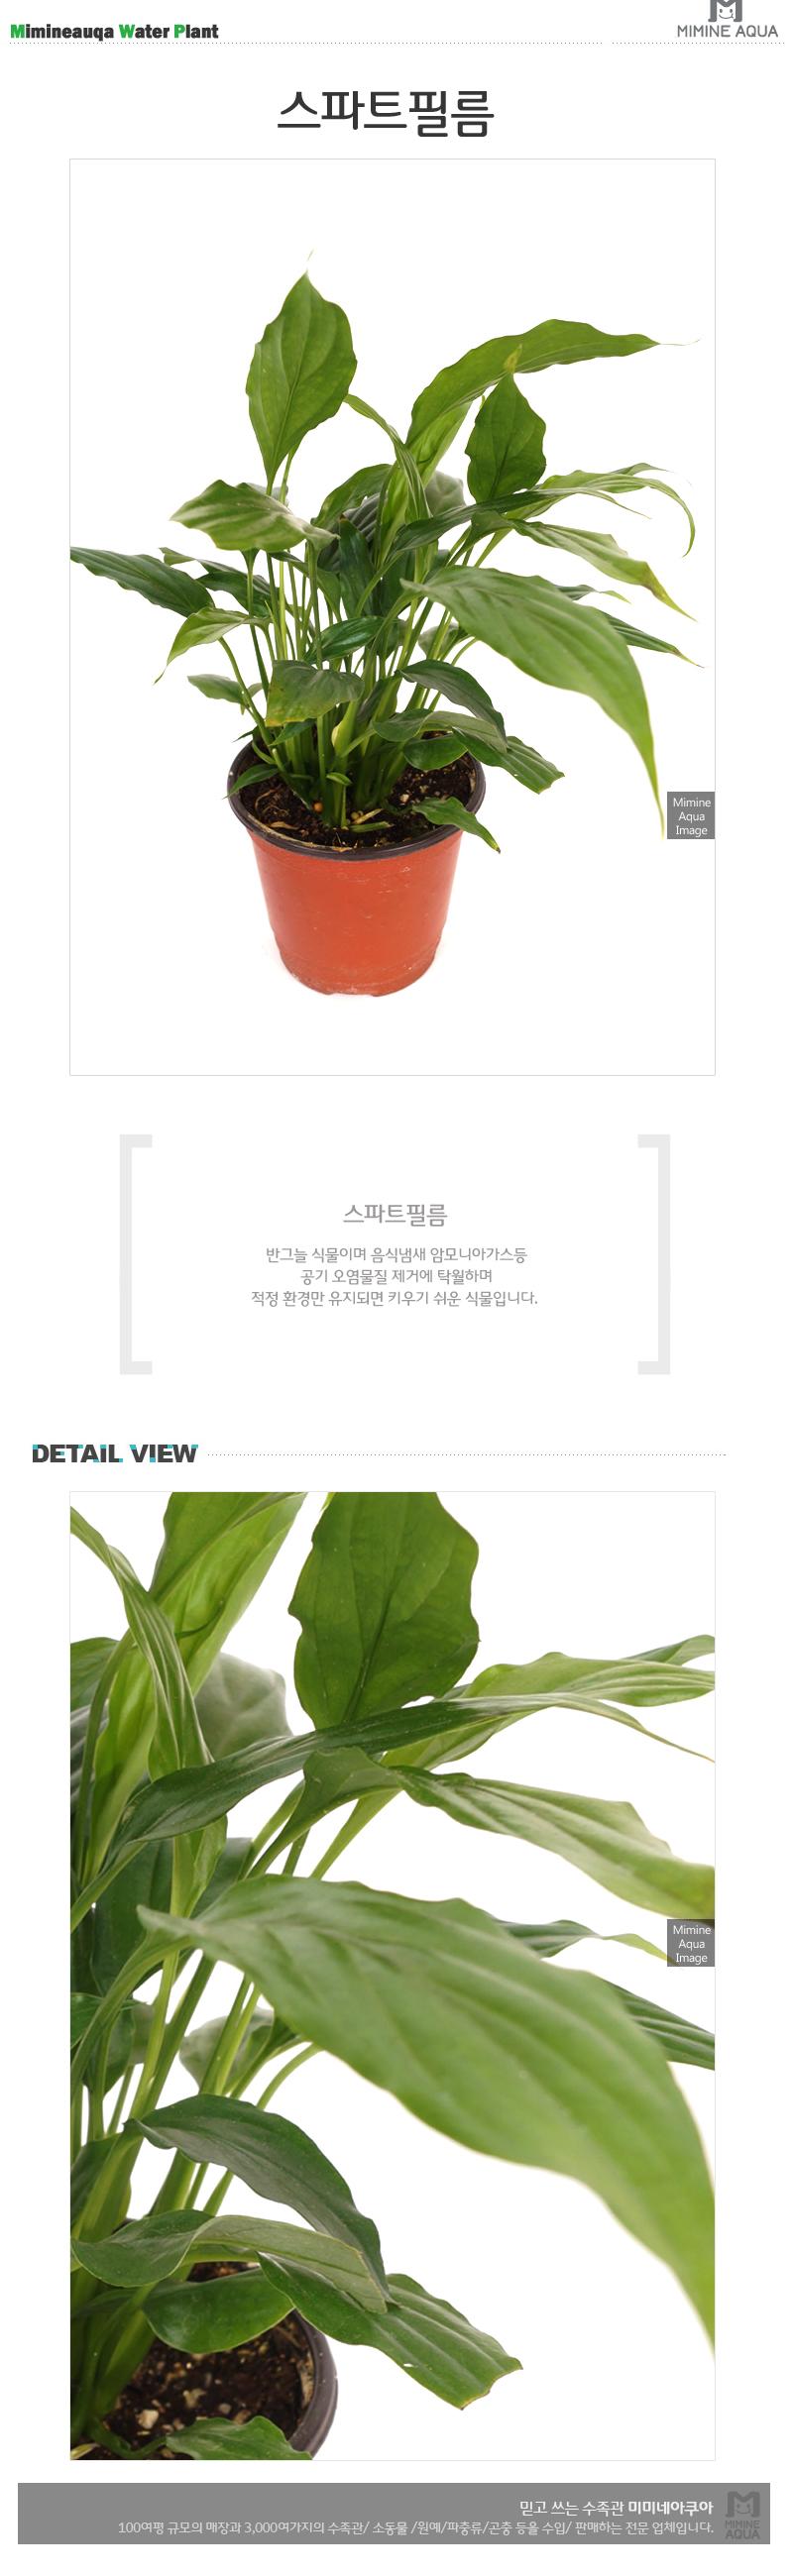 스파트필름 1포트 - 미미네아쿠아, 3,000원, 허브/다육/선인장, 공기정화식물